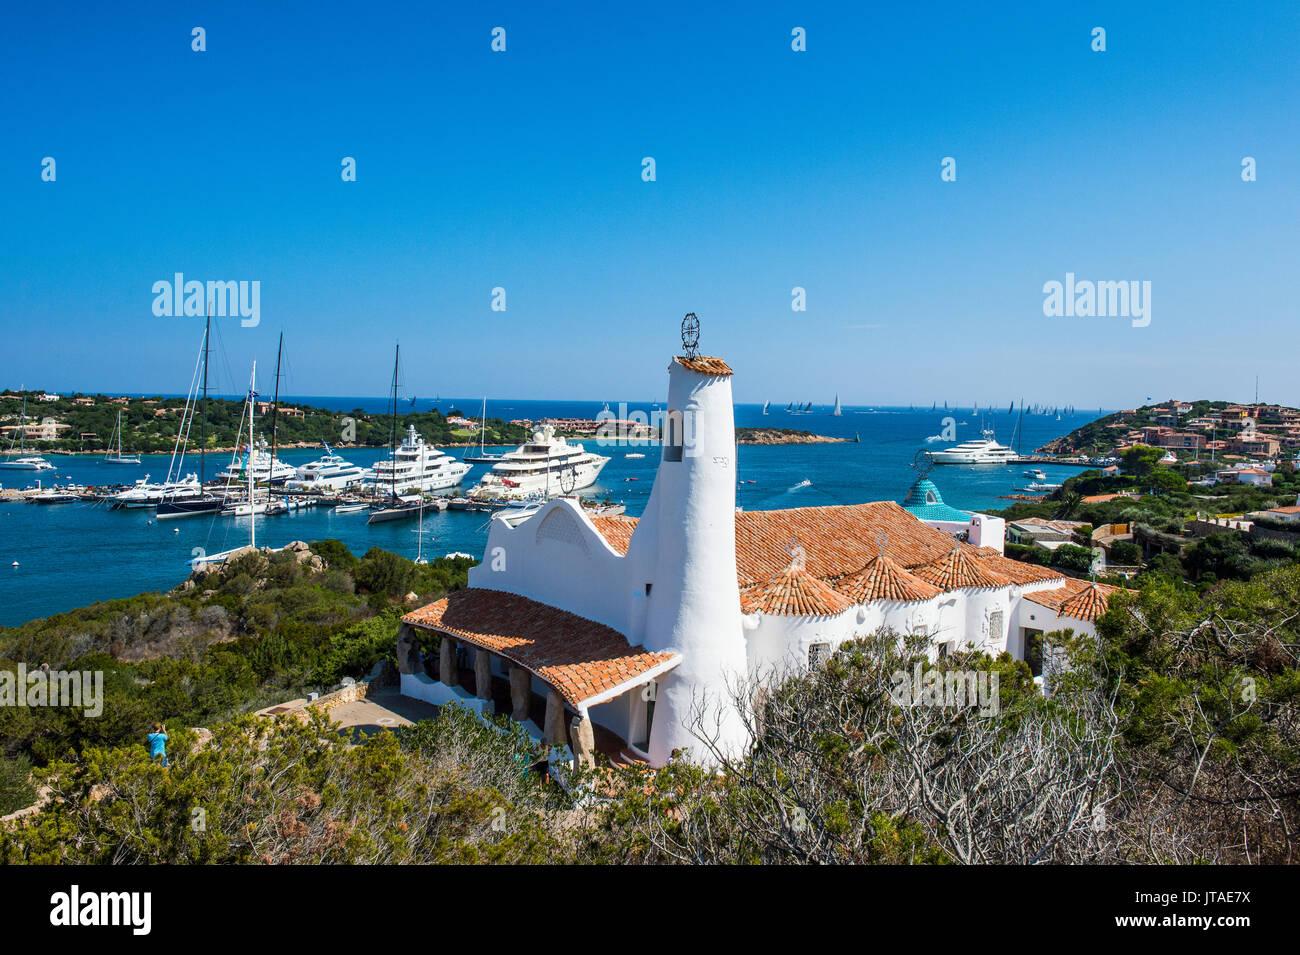 Die Bucht von Porto Cervo an der Costa Smeralda, Sardinien, Italien, Mittelmeer, Europa Stockfoto